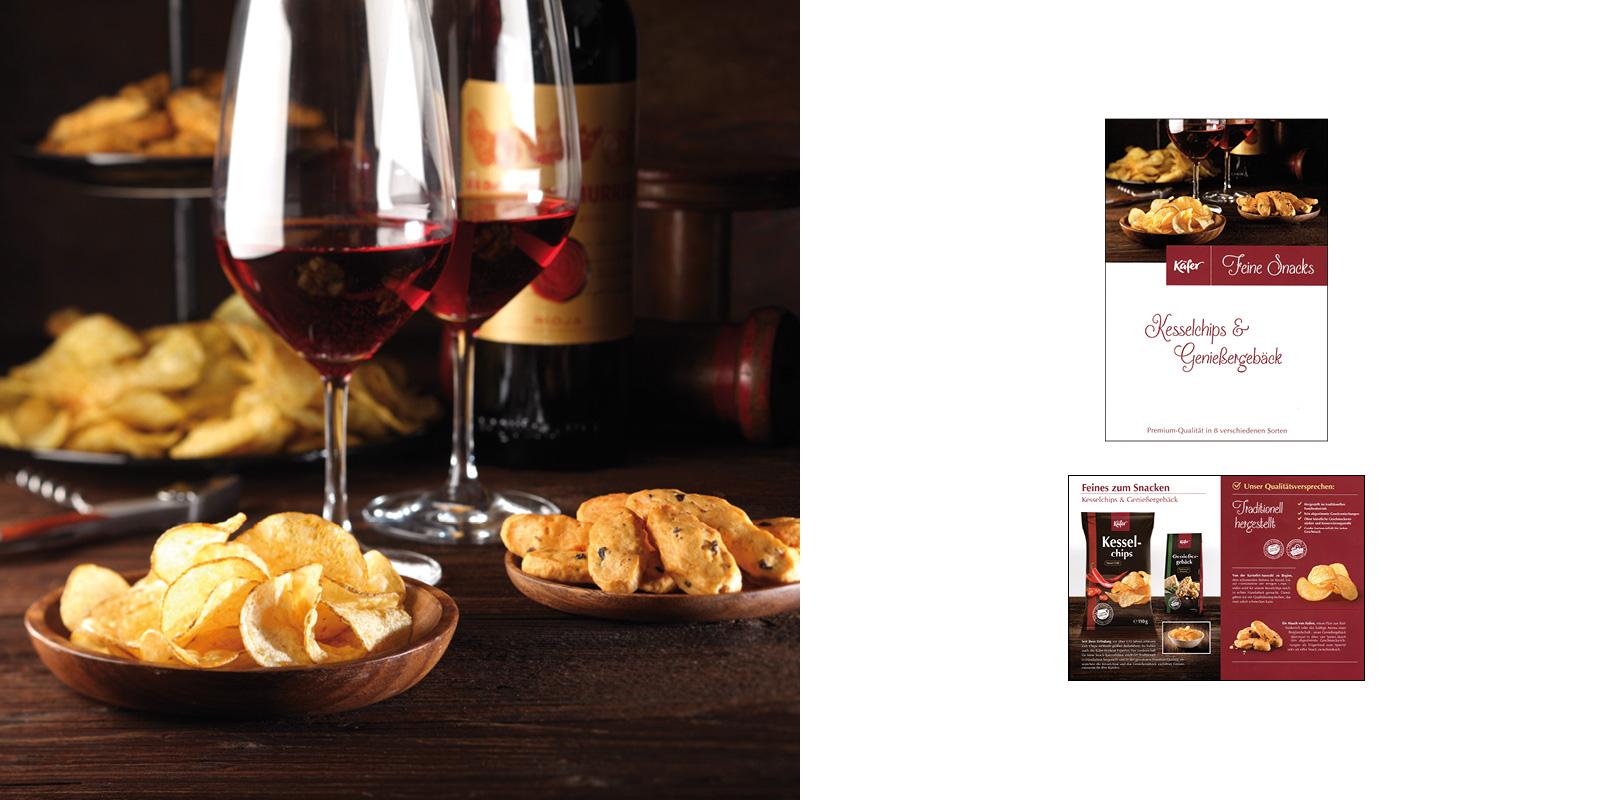 Victoria Huber Inszenierte Fotografie Stuttgart Foodfotografie Feinkost Salesfolder Packaging